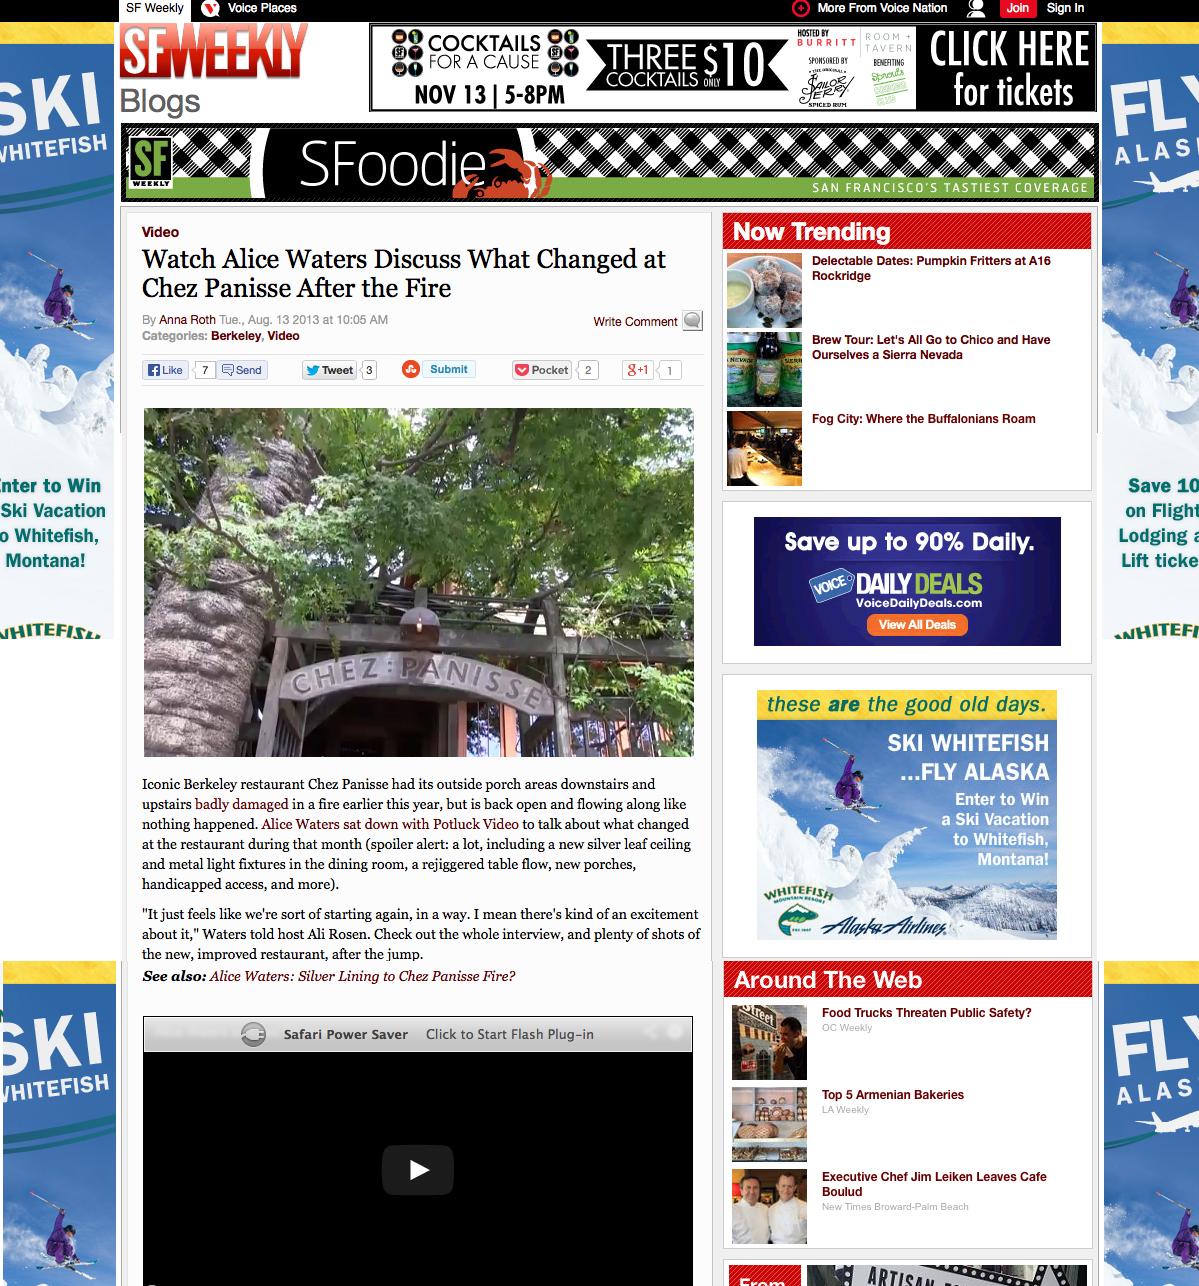 alice-waters---sf-weekly.jpg